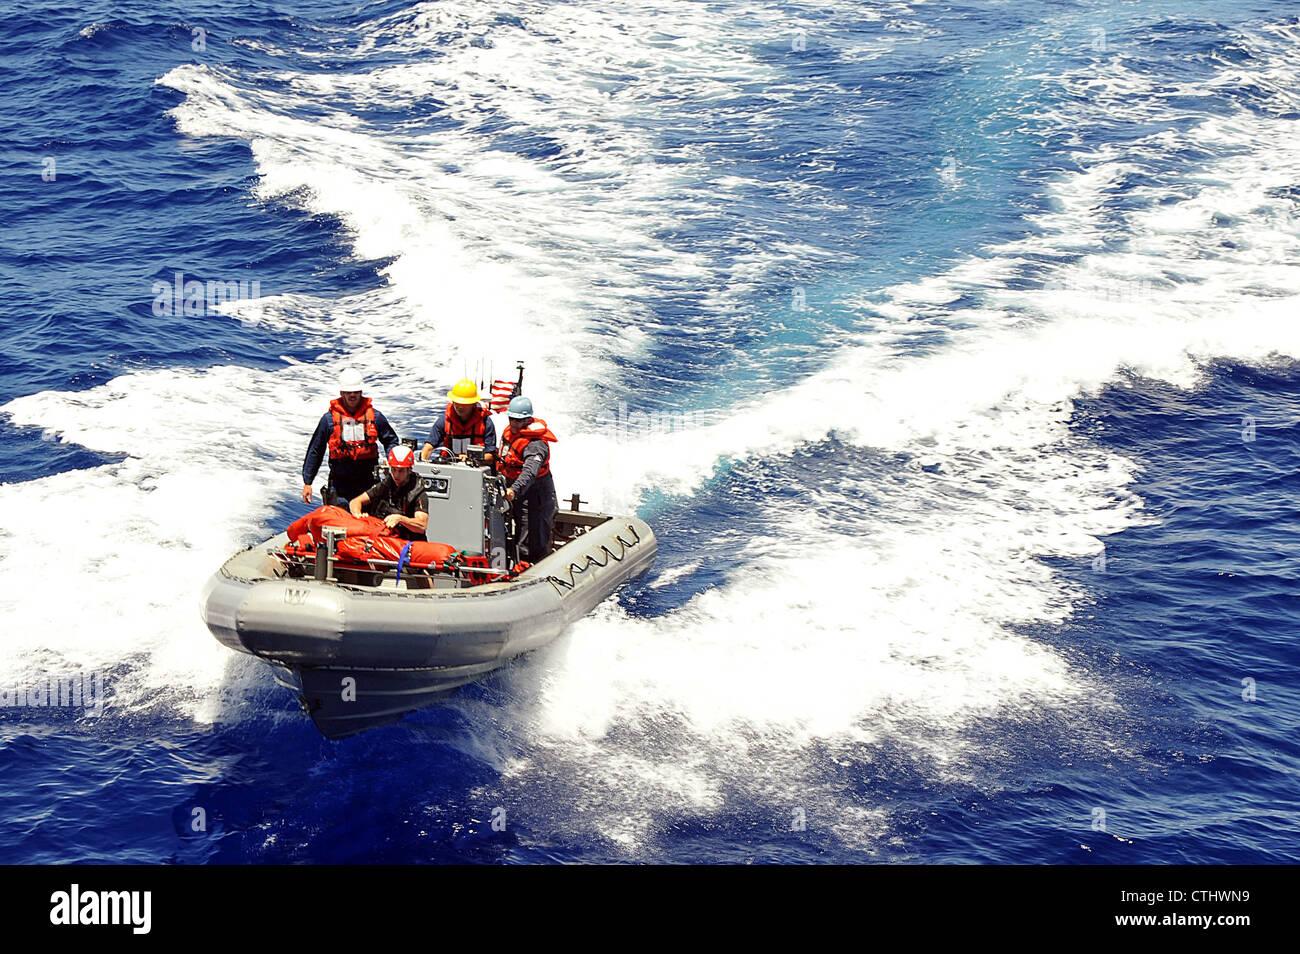 Los marineros asignados al destructor de misiles guiados de la clase Arleigh Burke USS McCampbell (DDG 85) regresan al barco después de rescatar a una víctima simulada en el agua durante un simulacro de hombre al mar. McCampbell está desplegado hacia adelante en Yokosuka, Japón, y está en marcha en el área de responsabilidad de la 7a flota de los Estados Unidos. Foto de stock